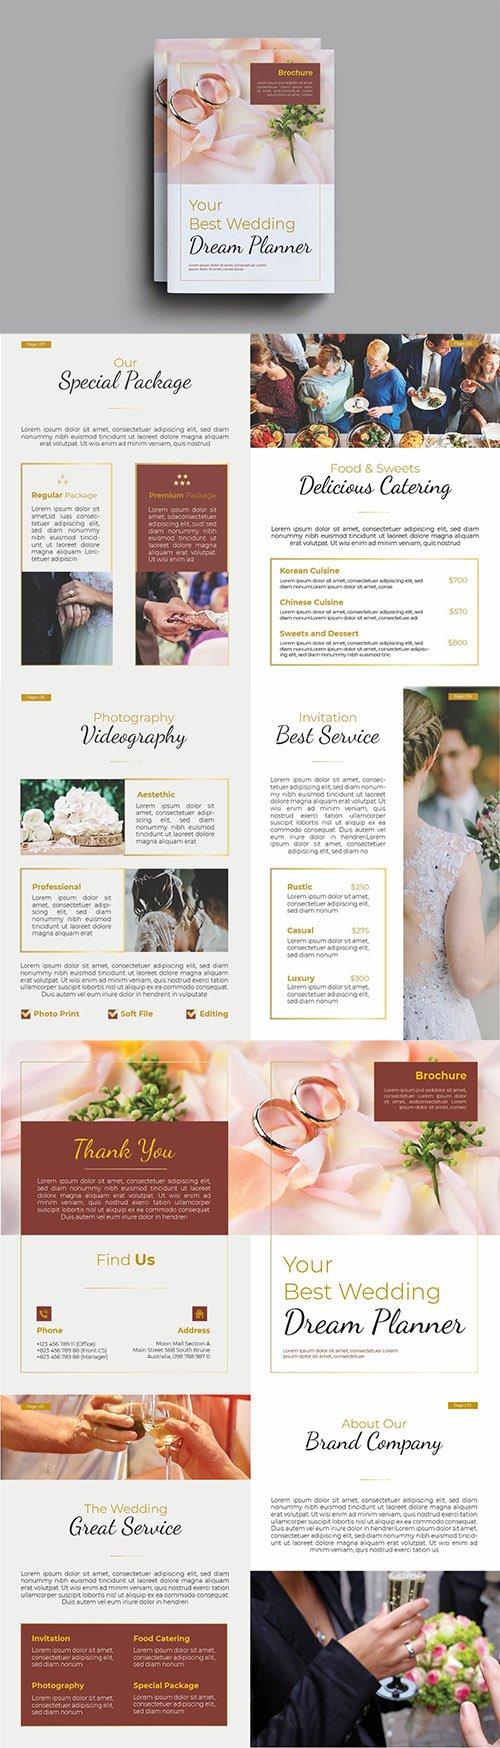 Wedding Planner Brochure